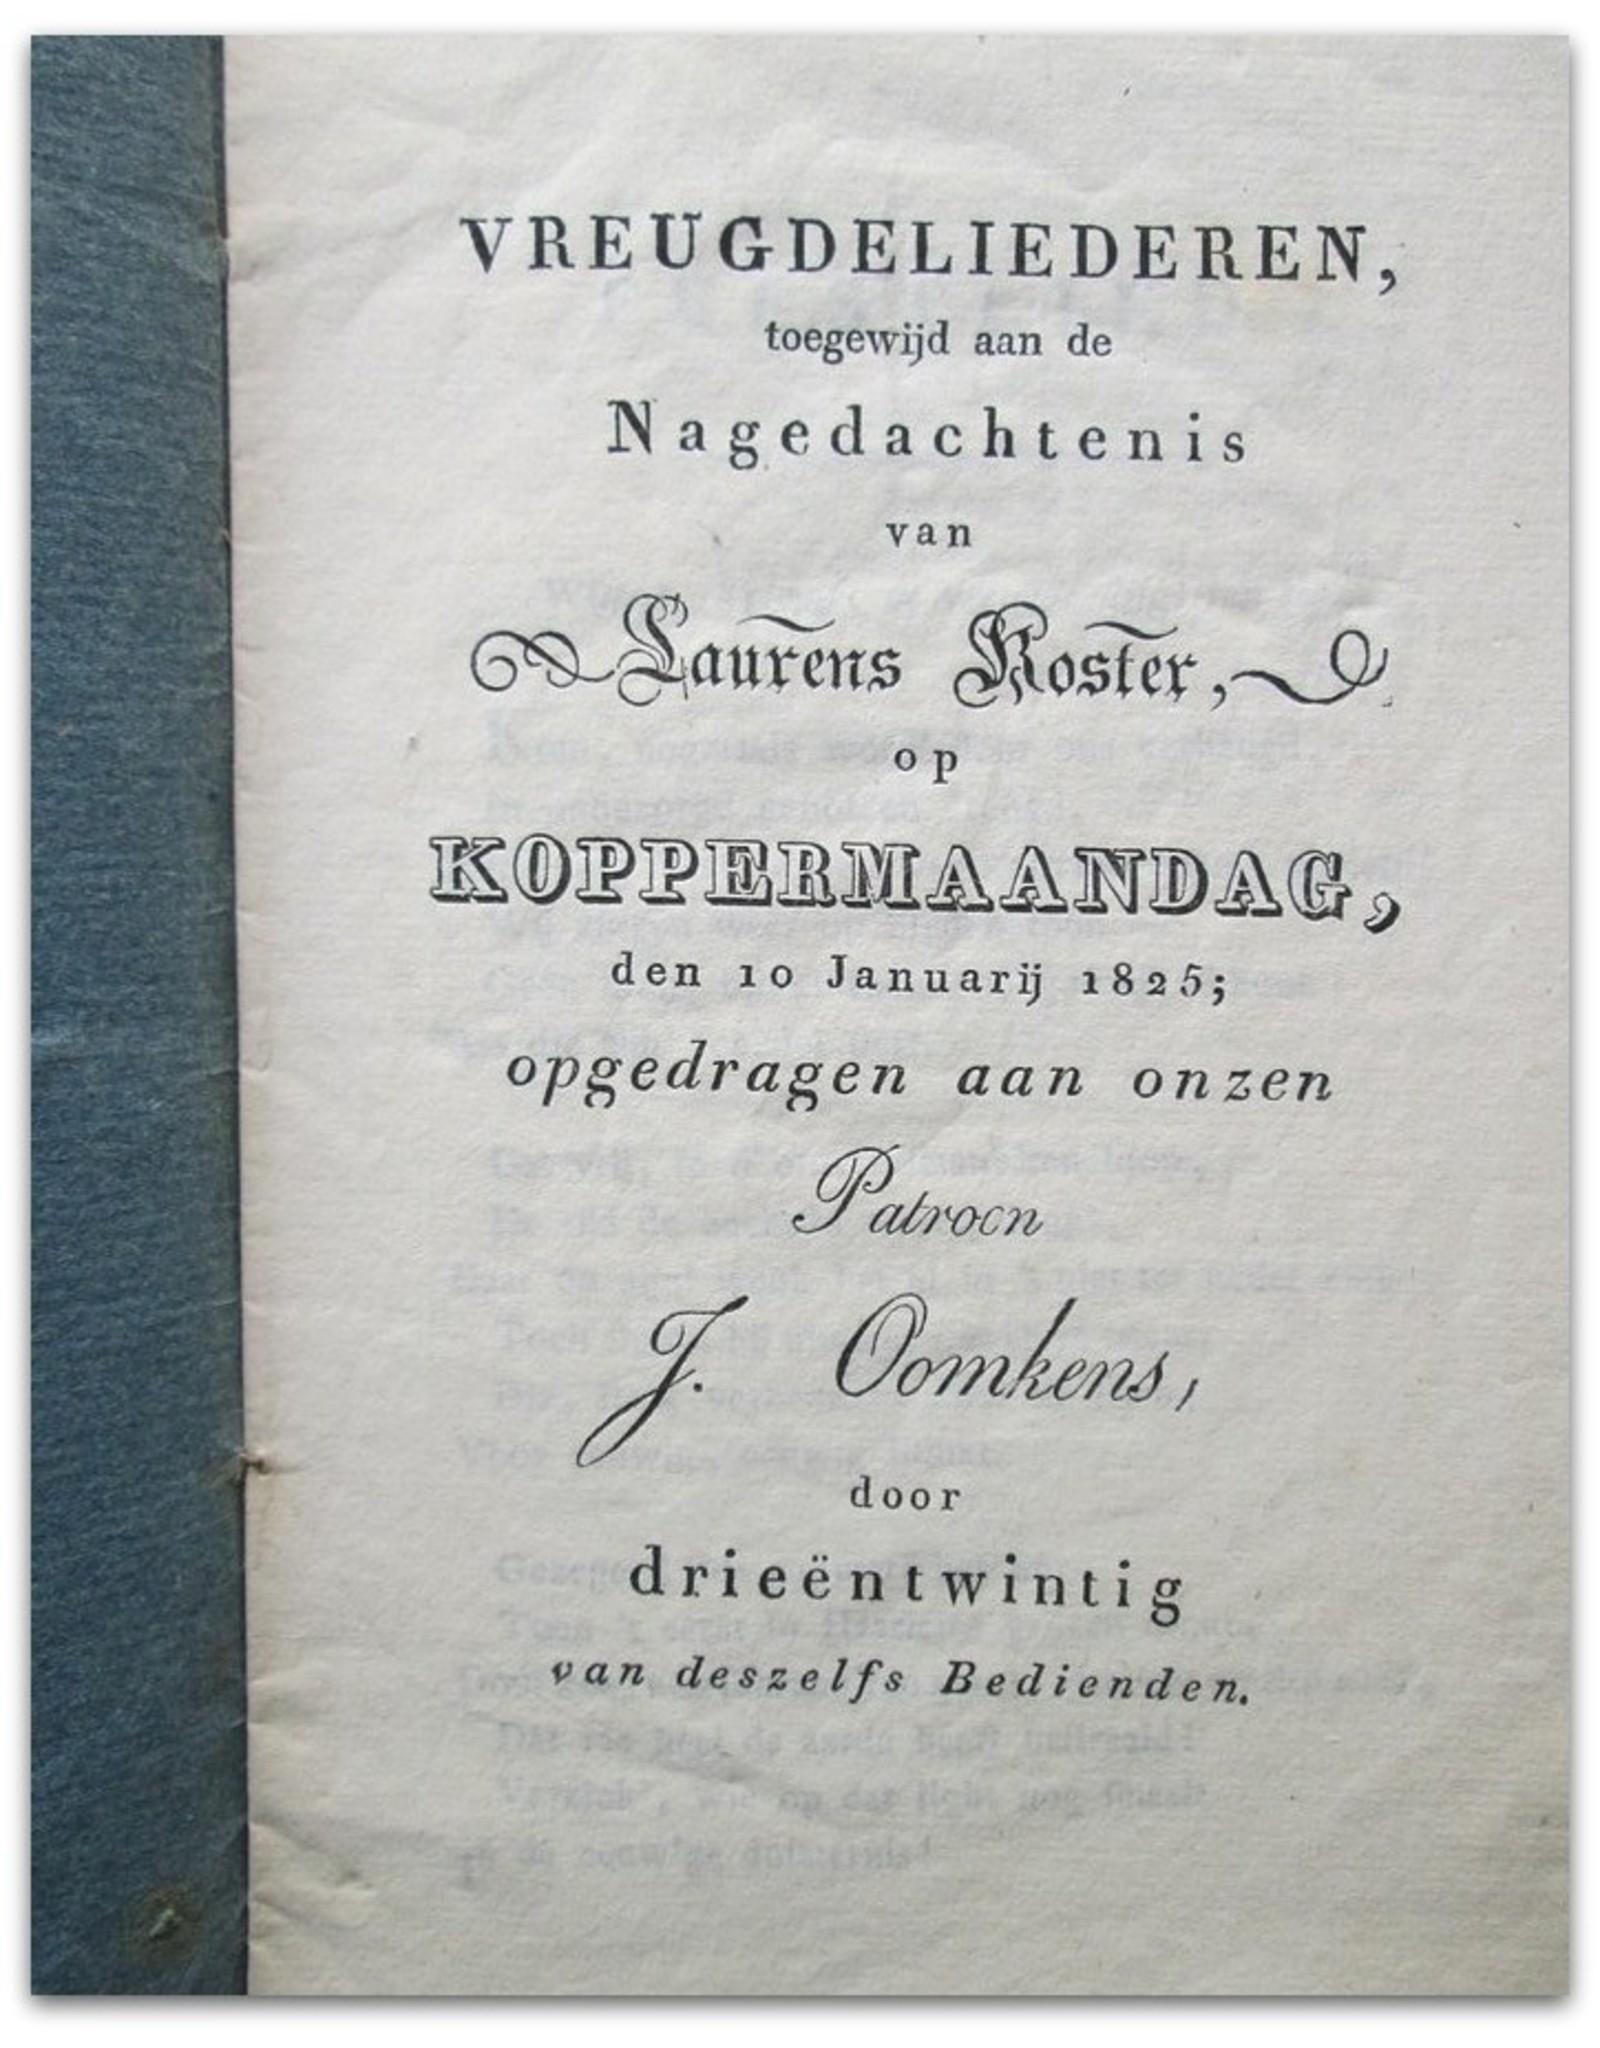 Vreugdeliederen toegewijd aan de Nagedachtenis van Laurens Koster op Koppermaandag [...] 1825; opgedragen aan onzen Patroon J. Oomkens door drieëntwintig van deszelfs Bedienden